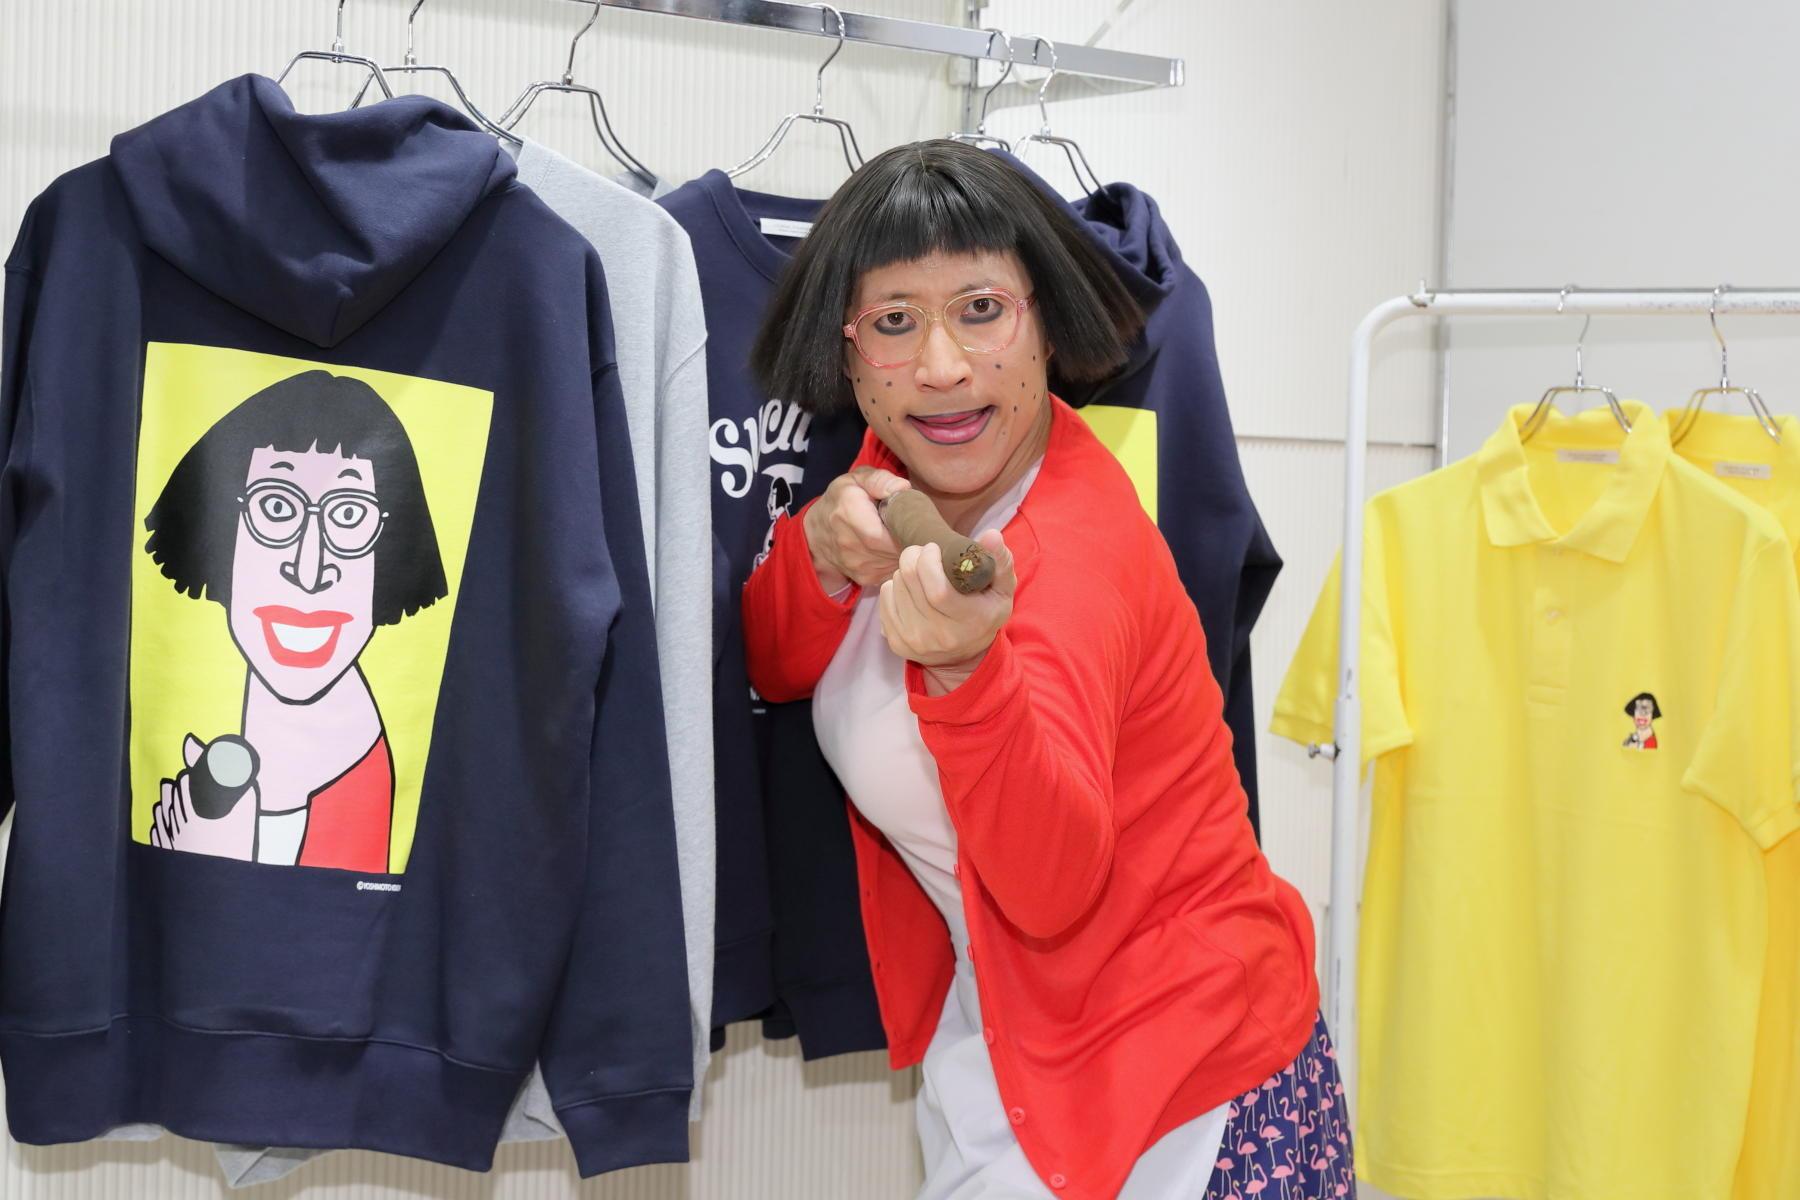 http://news.yoshimoto.co.jp/20180412215620-7d8ee542882f0ccb18ca04638f3cee04eddaaa7f.jpg